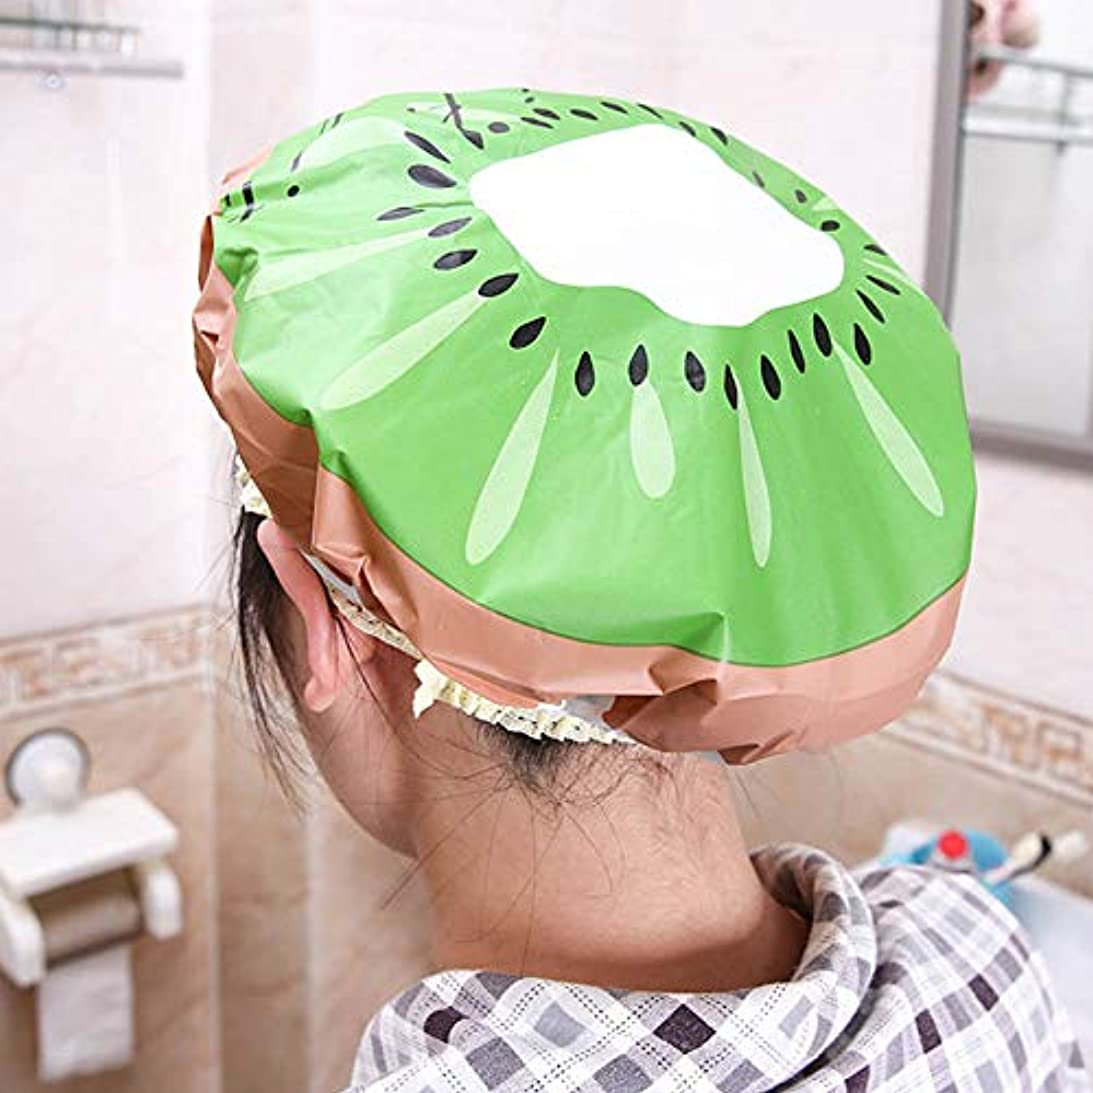 拒絶なに着飾るLULAA シャワーキャップ ヘアキャップ シャワー 洗顔 入浴 お風呂 プール 銭湯用 髪を染める 美容室 バス用品 フルーツのデザイン 可愛い